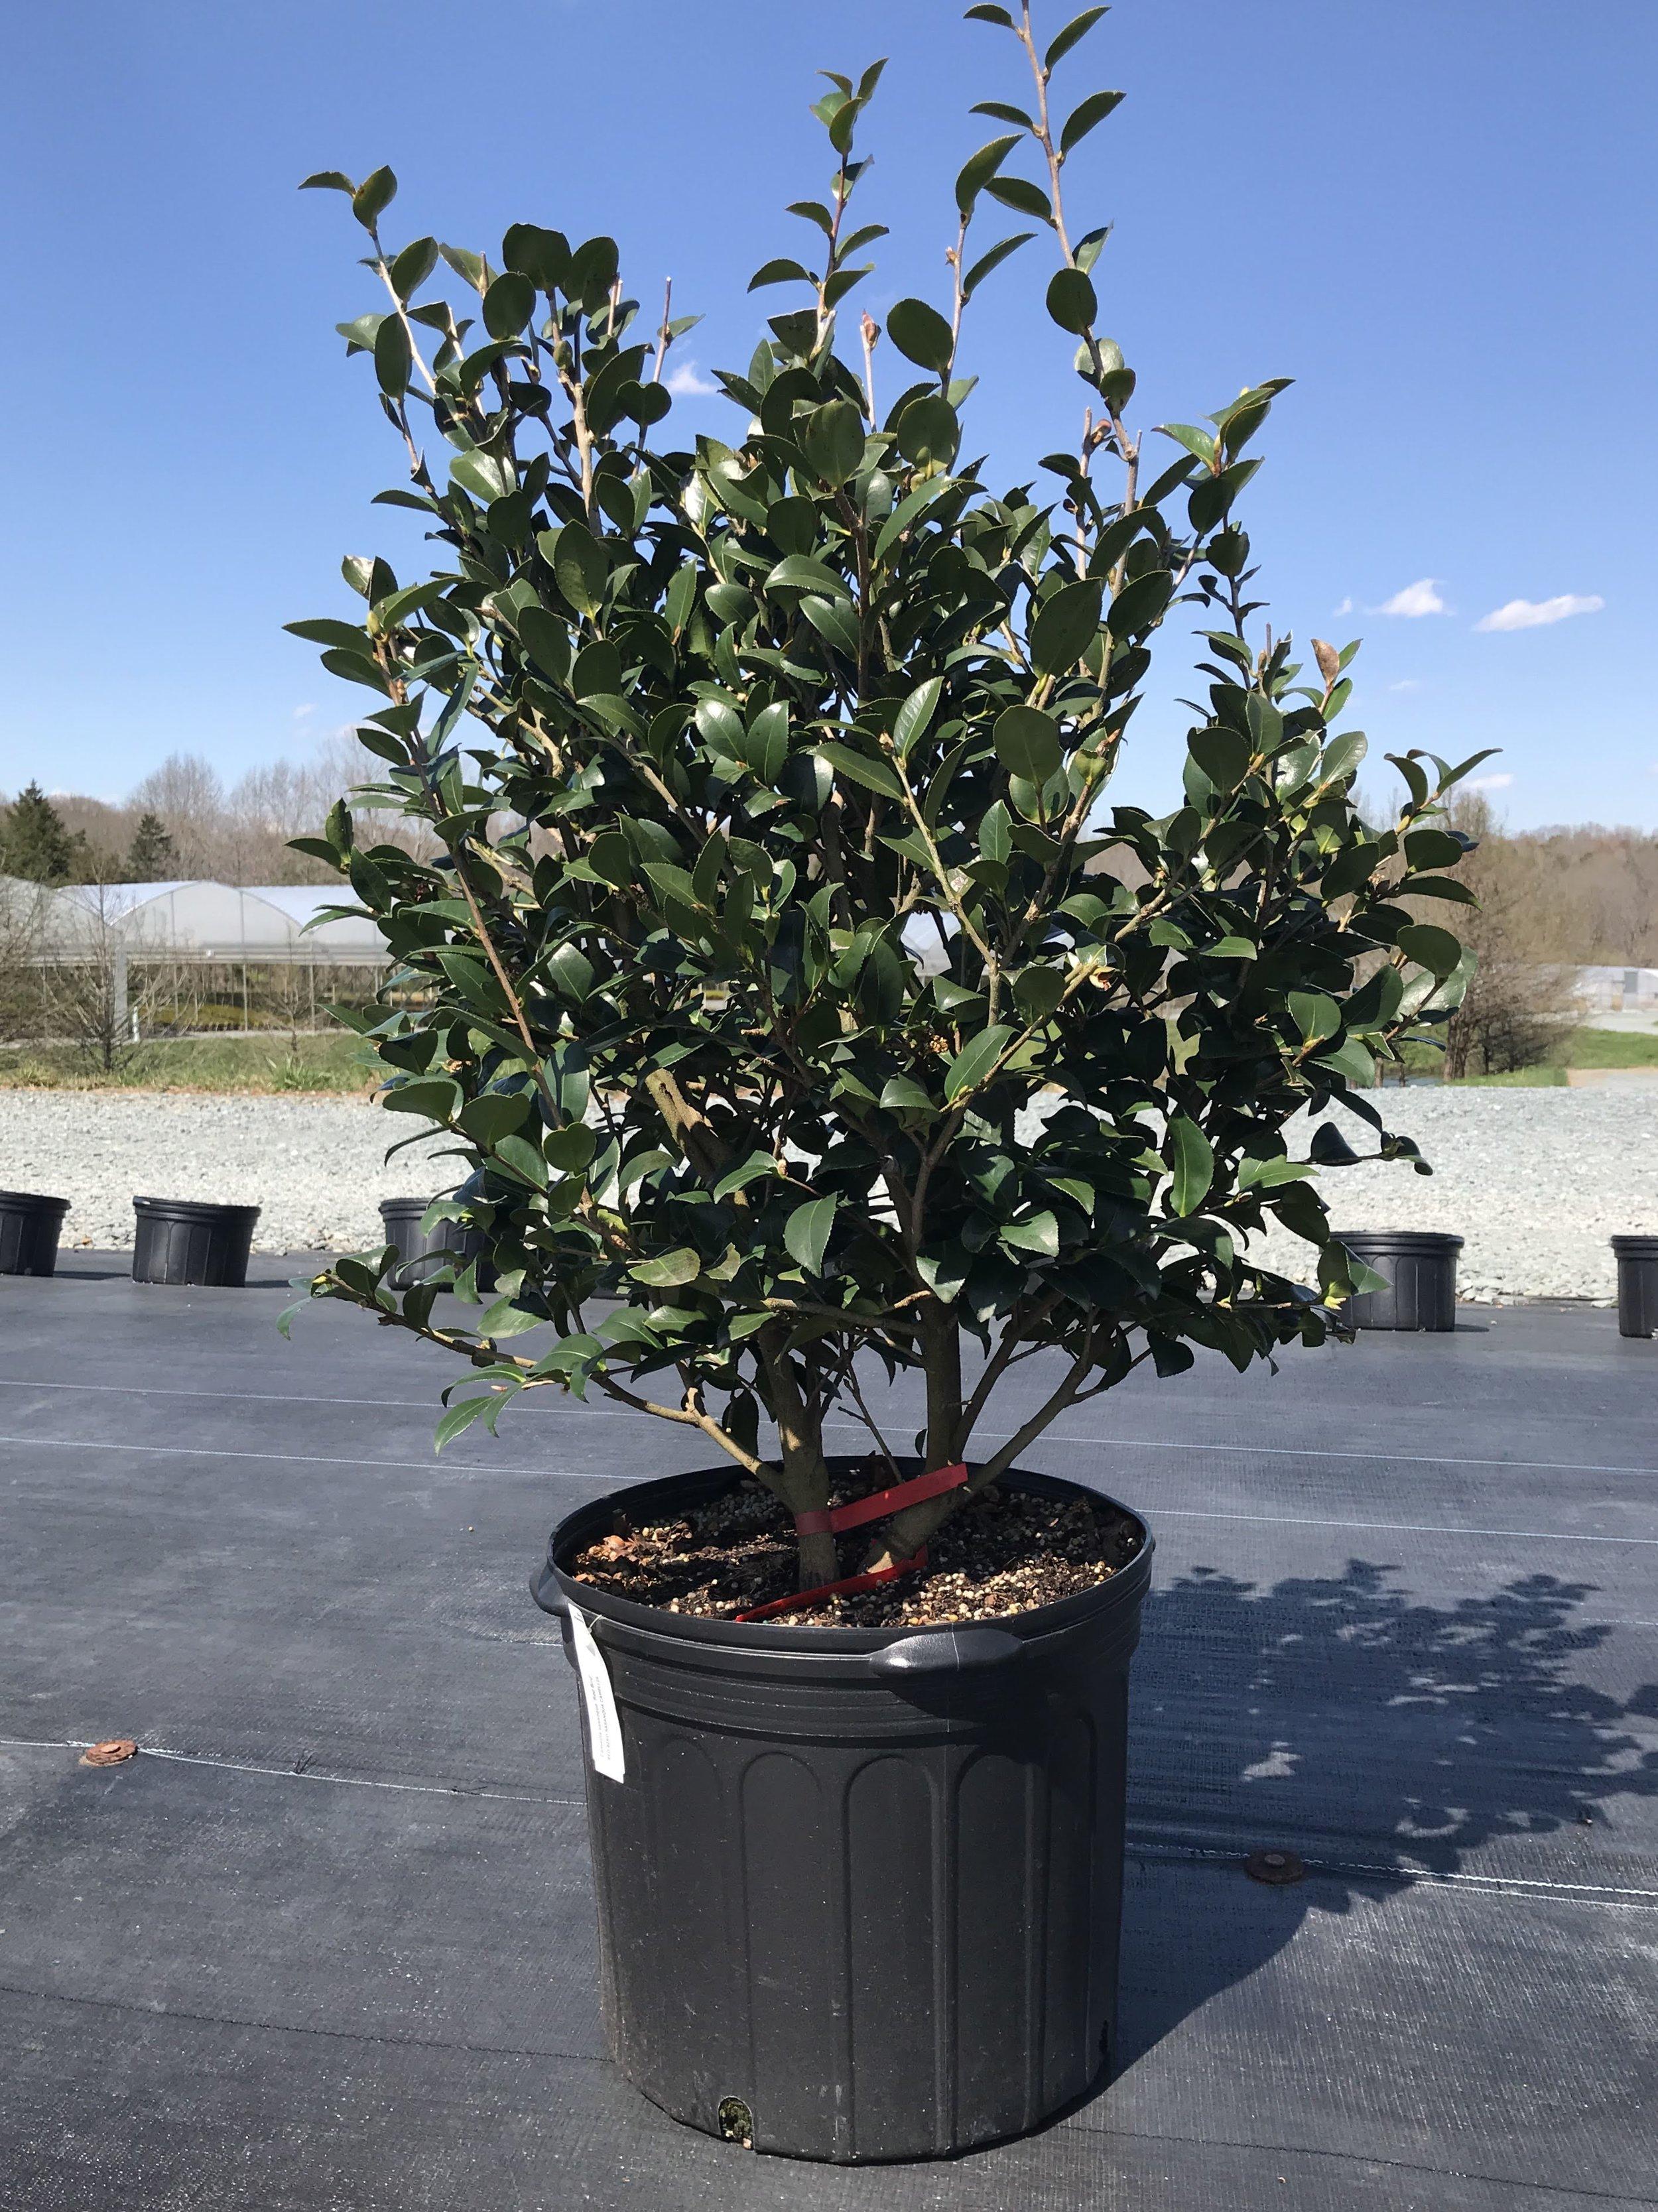 Camellia sasanqua 'Red Bird' 7 gallon